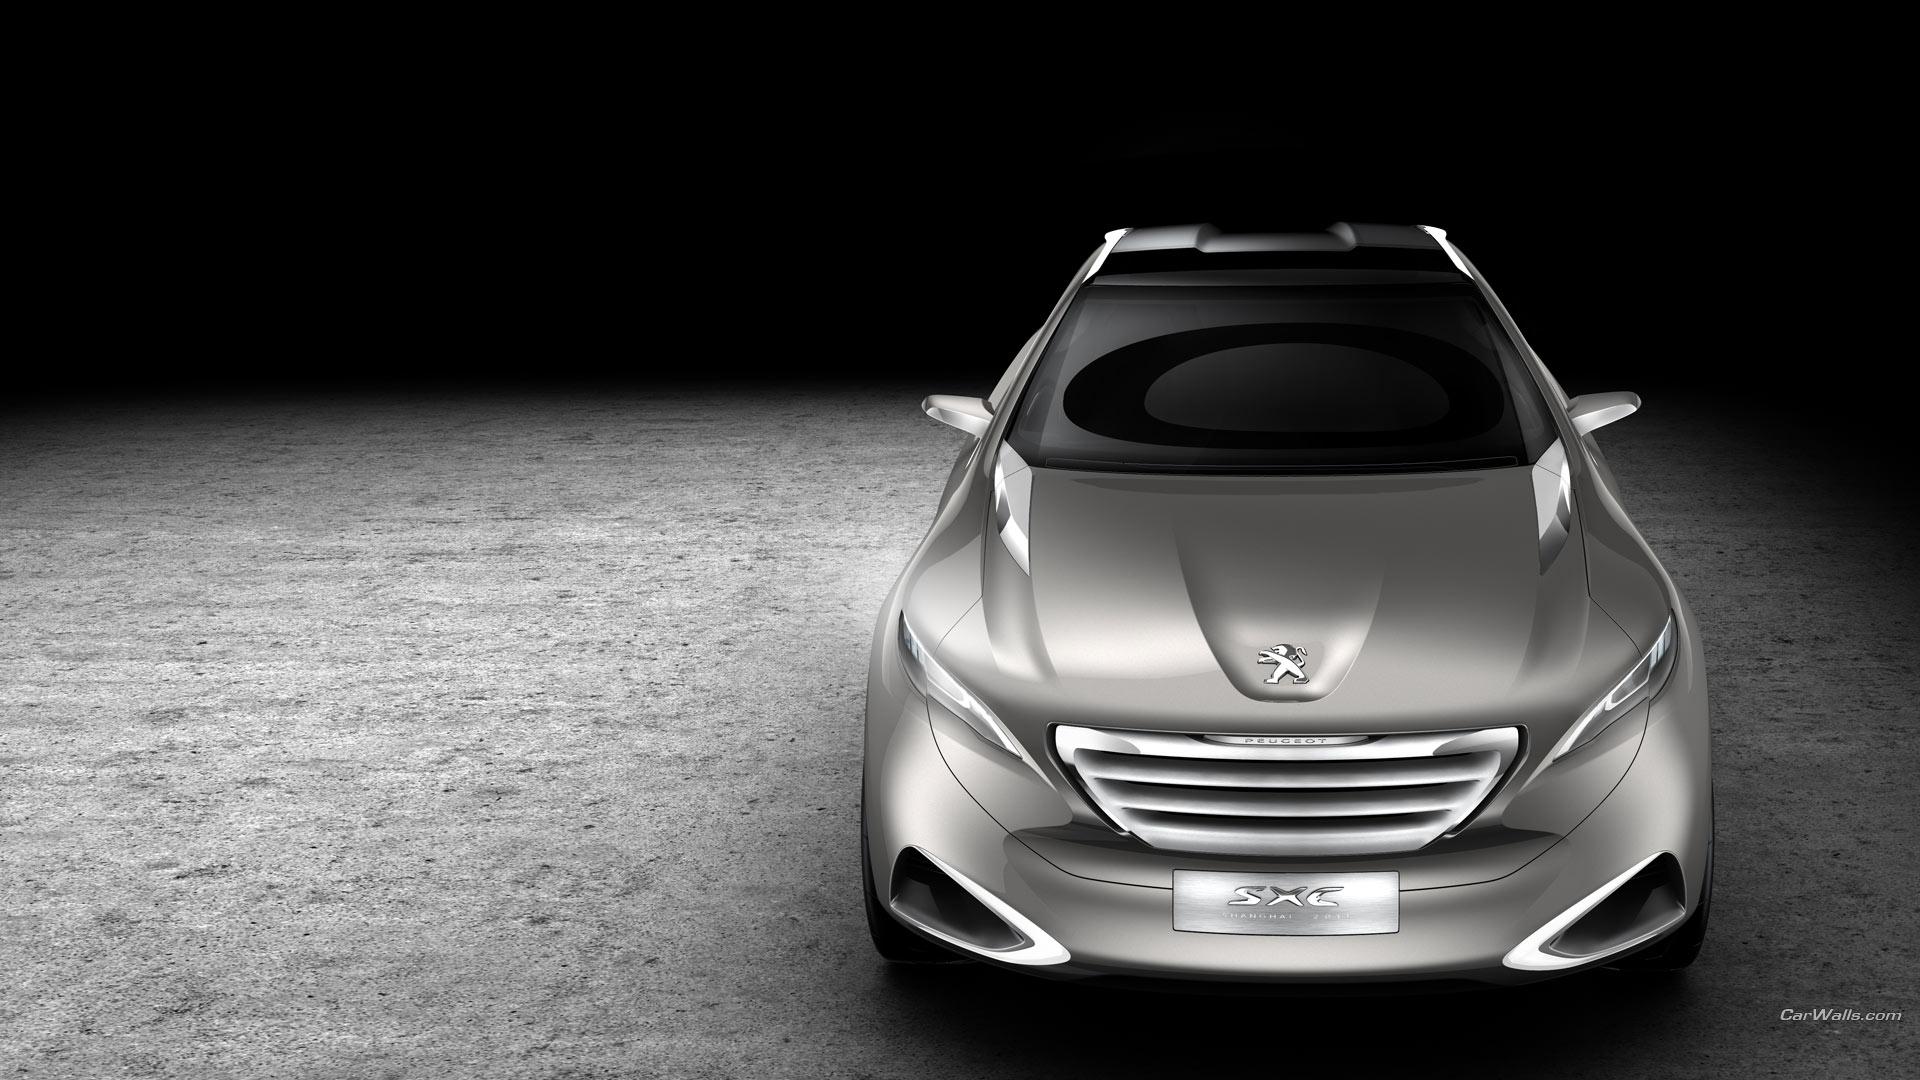 24573 скачать обои Транспорт, Машины, Пежо (Peugeot) - заставки и картинки бесплатно